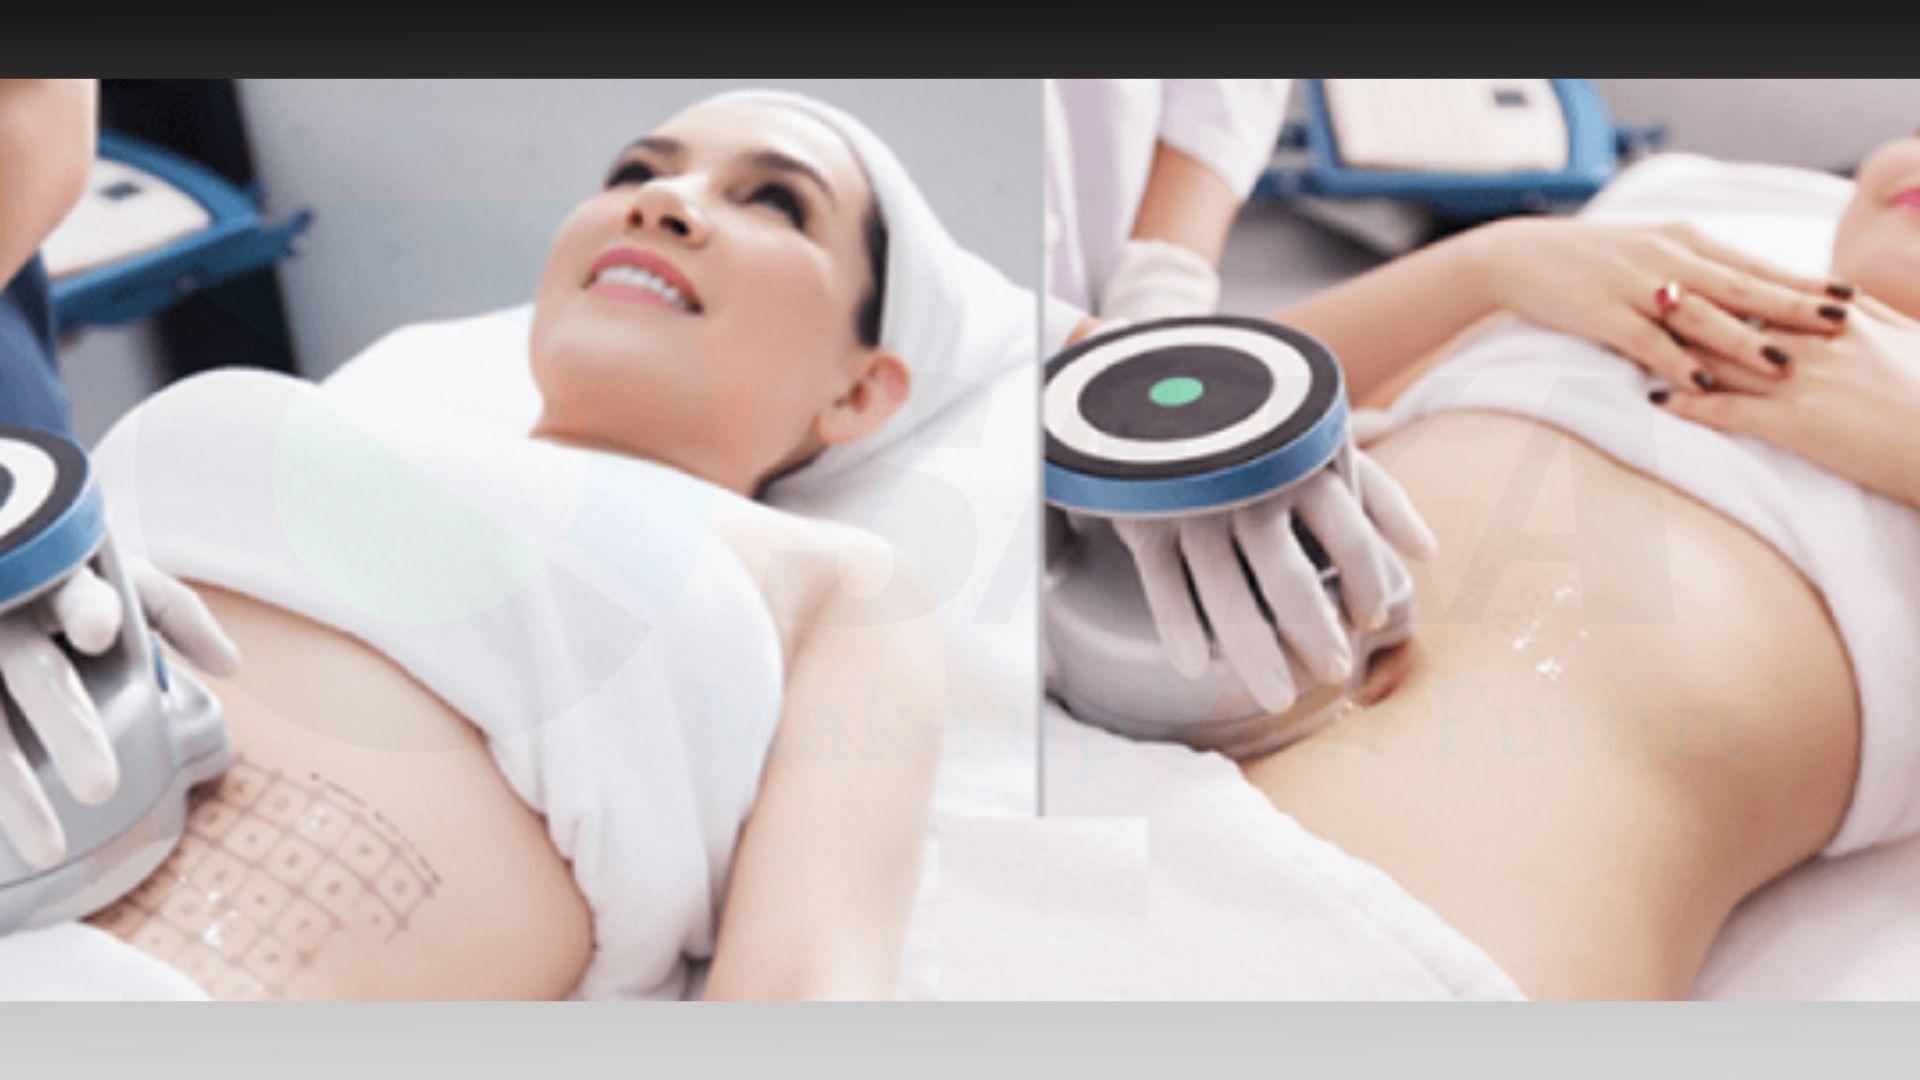 Công nghệ giảm béo hiện đại